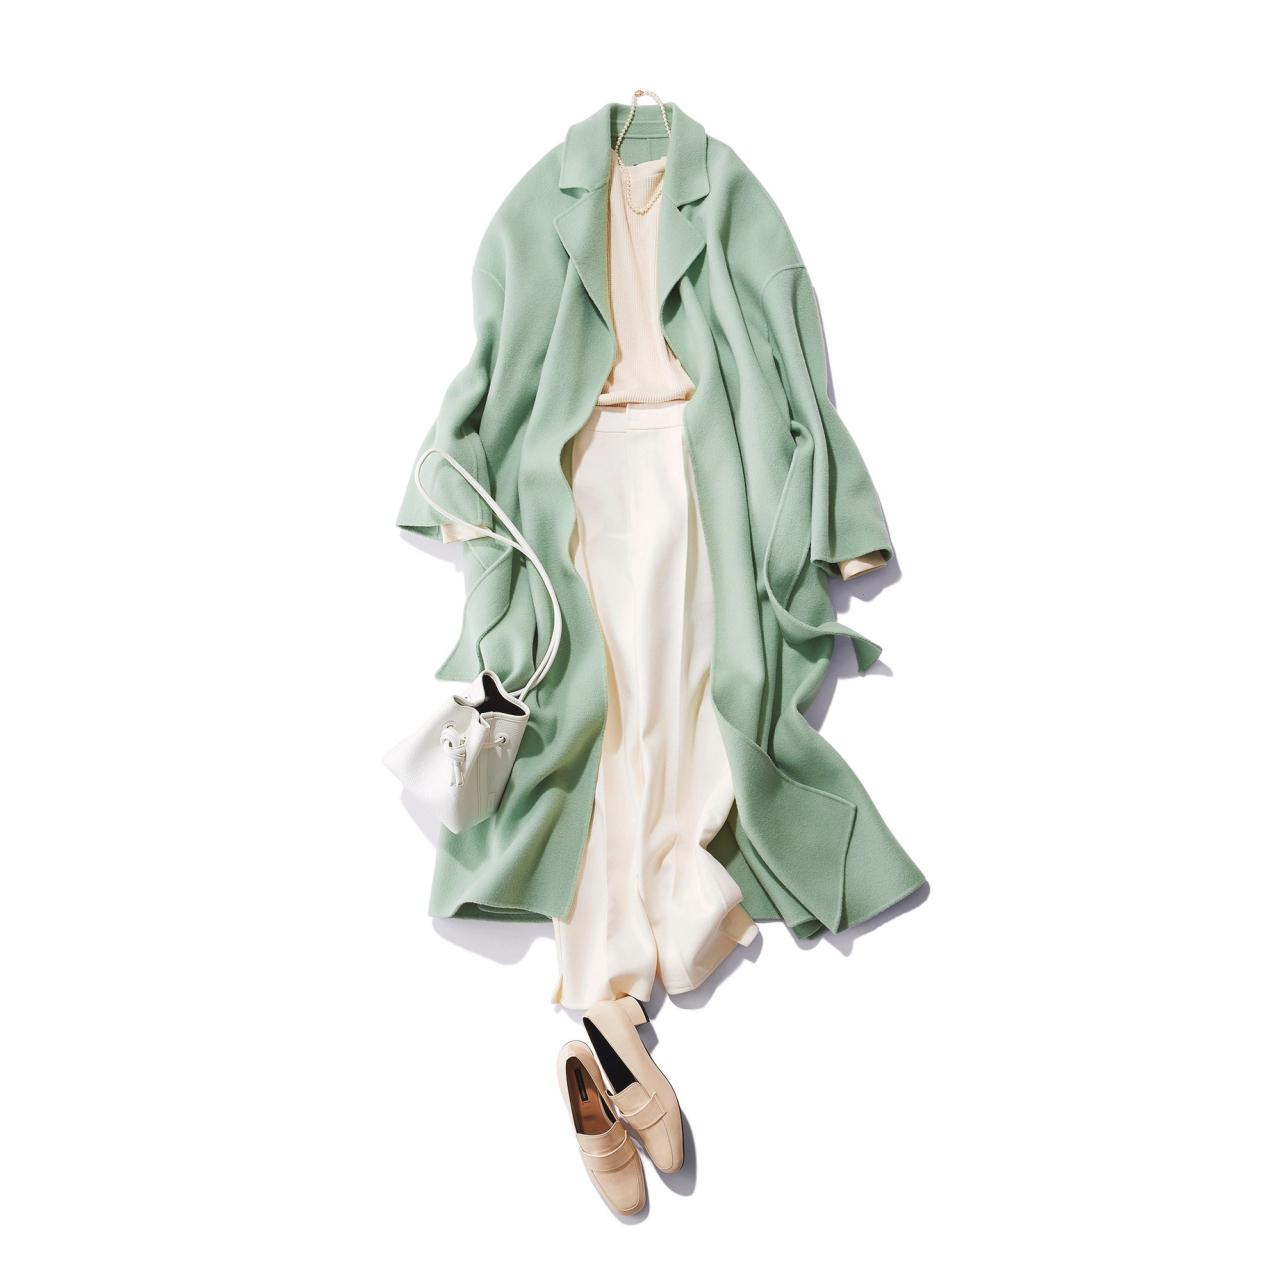 真冬コーデの差し色はコレ!グリーンに注目|40代 2020冬ファッション_1_7